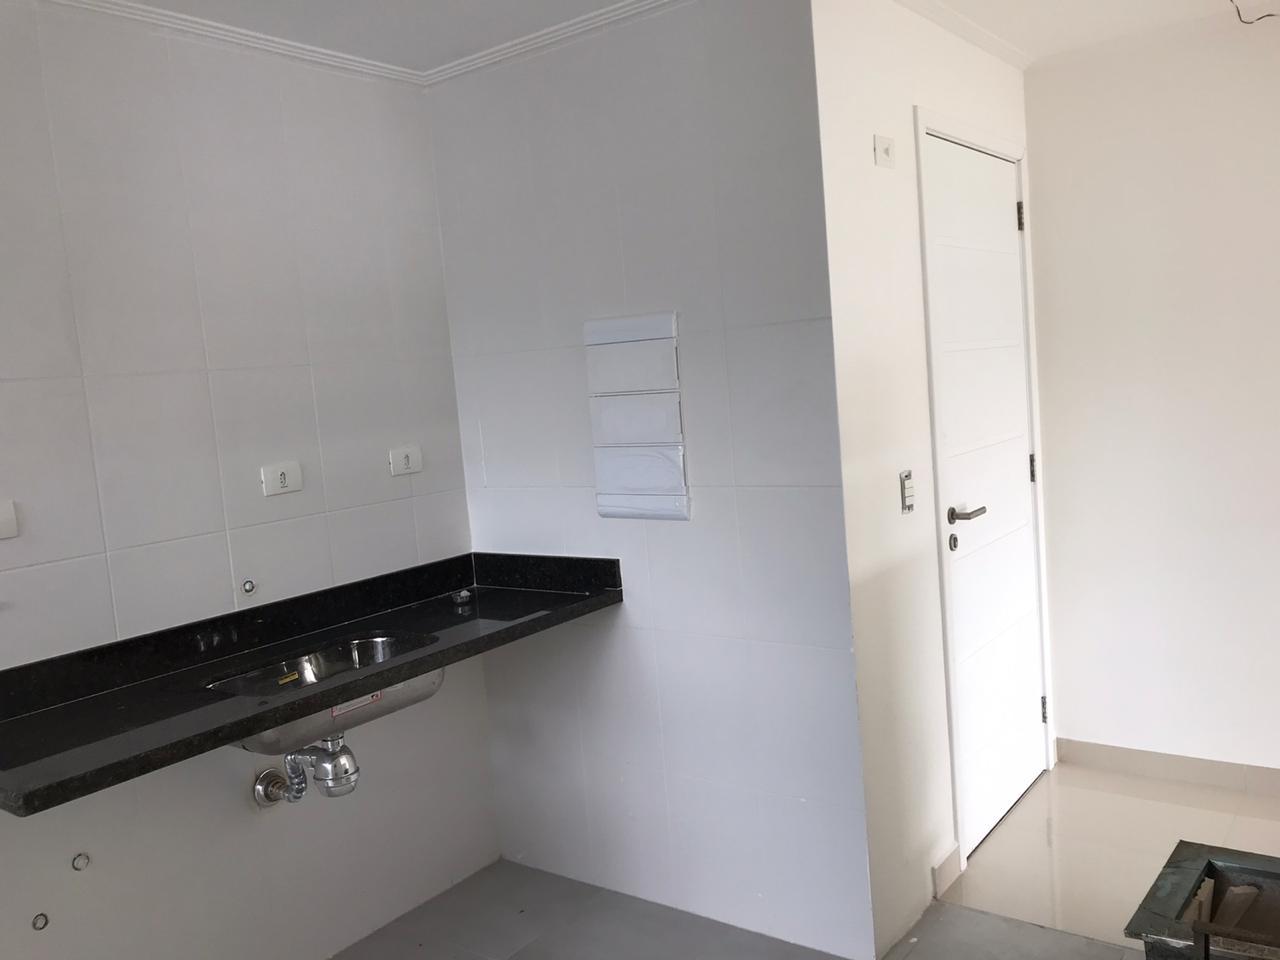 apartamento novo 2 dormitórios com 1 suite e uma varanda gourmet. - foto 8